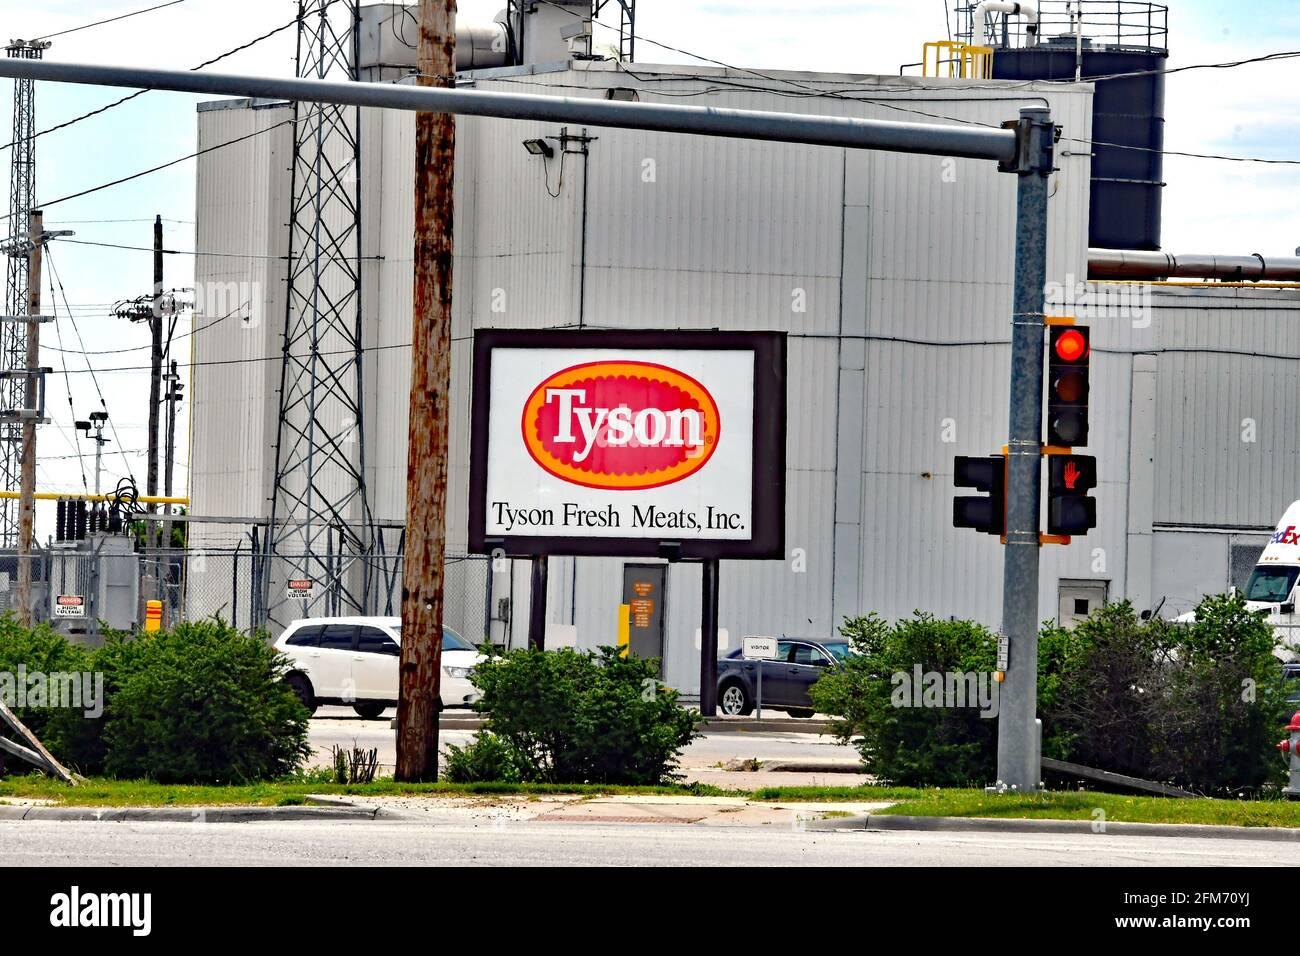 Emporia, KS, USA. Mai 2021. Ansicht einer Tyson-Fleischfabrik in Emporia Kansas, 6. MAI 2021. Kredit: Mark Reinstein/Media Punch/Alamy Live Nachrichten Stockfoto